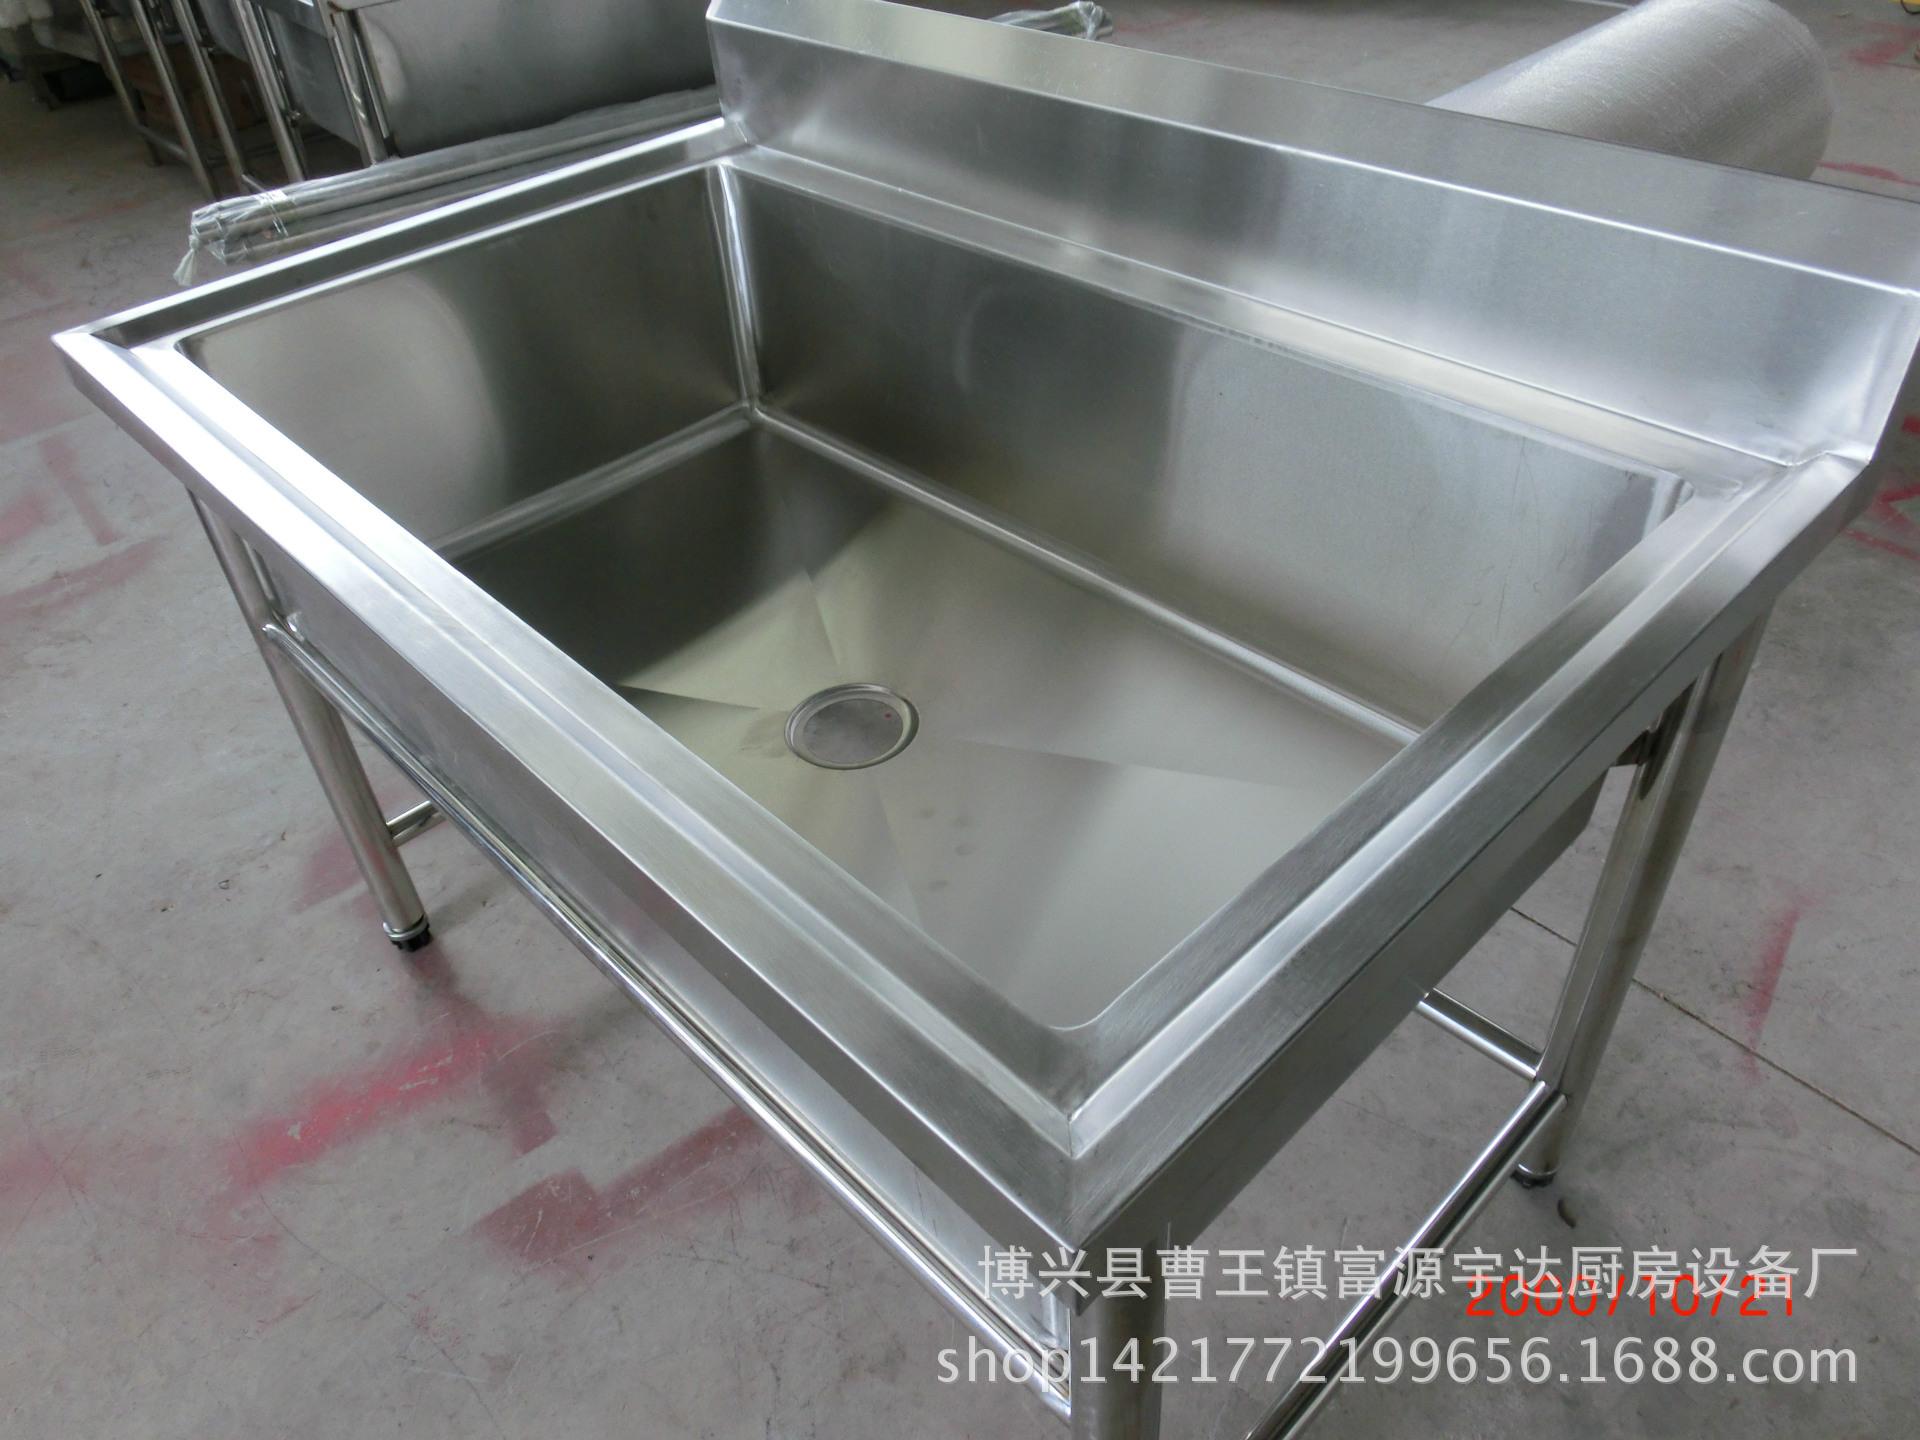 不锈钢洗菜池